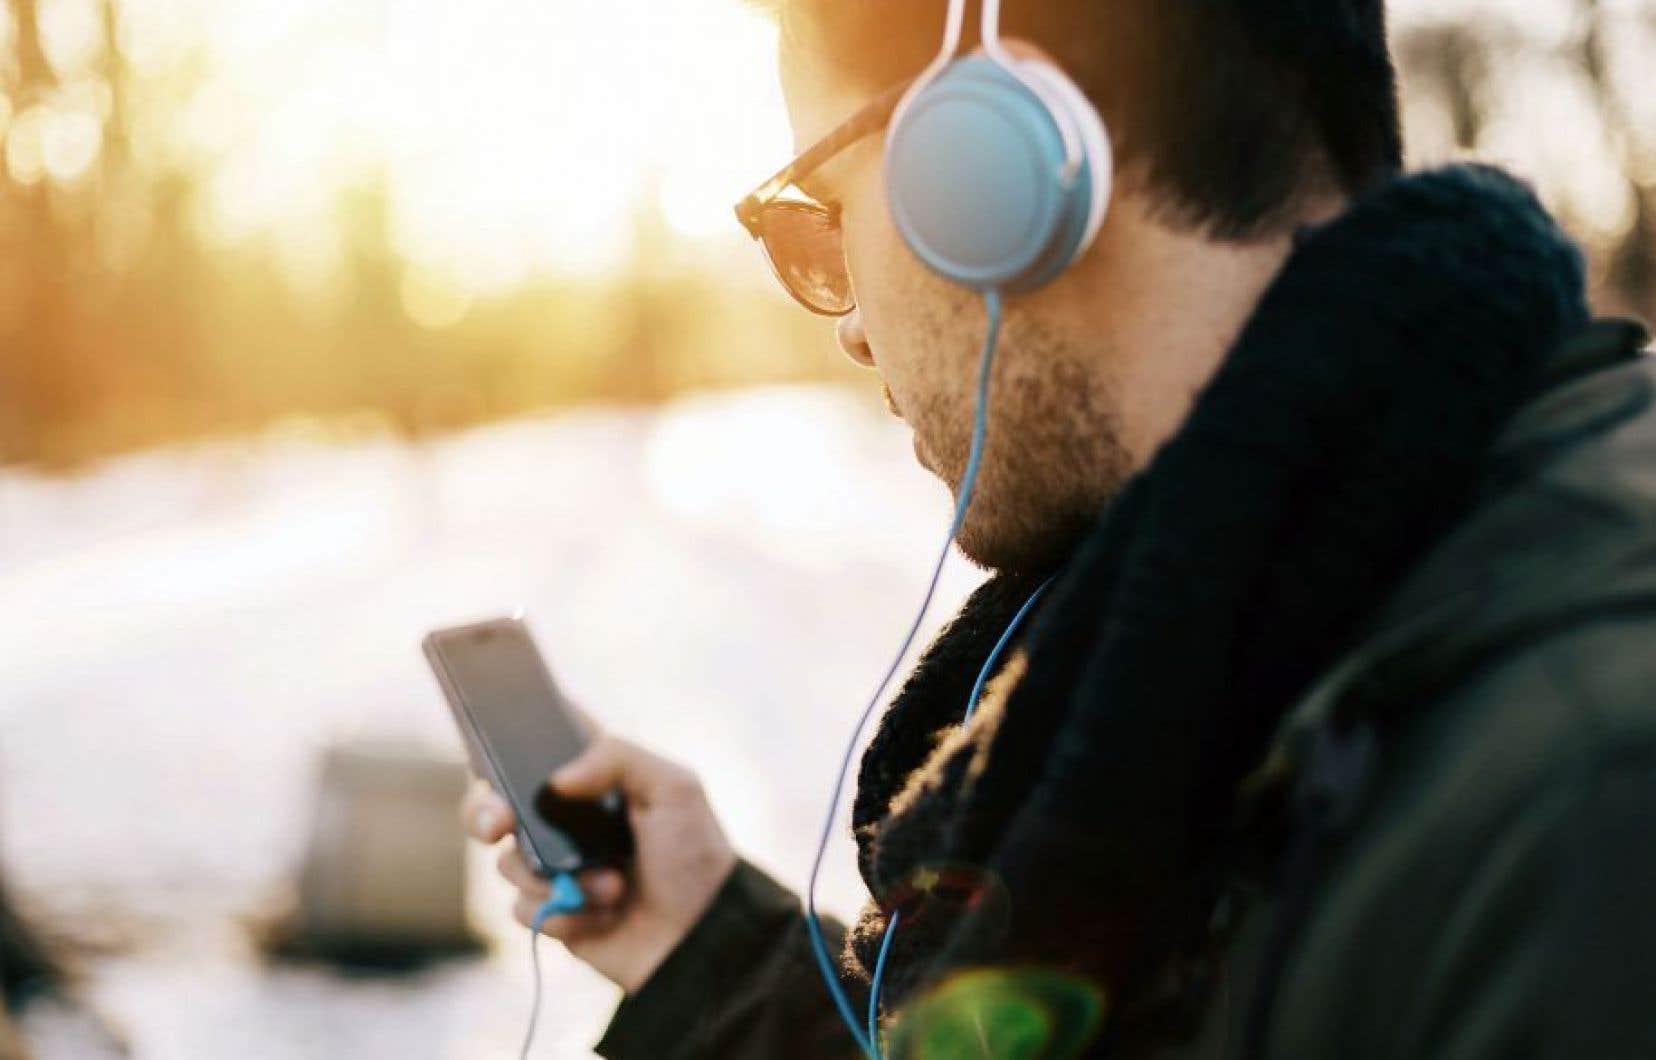 Le régime de copie privée doit être étendu aux téléphones intelligents et aux tablettes, croit l'organisme chargé de prélever les droits.